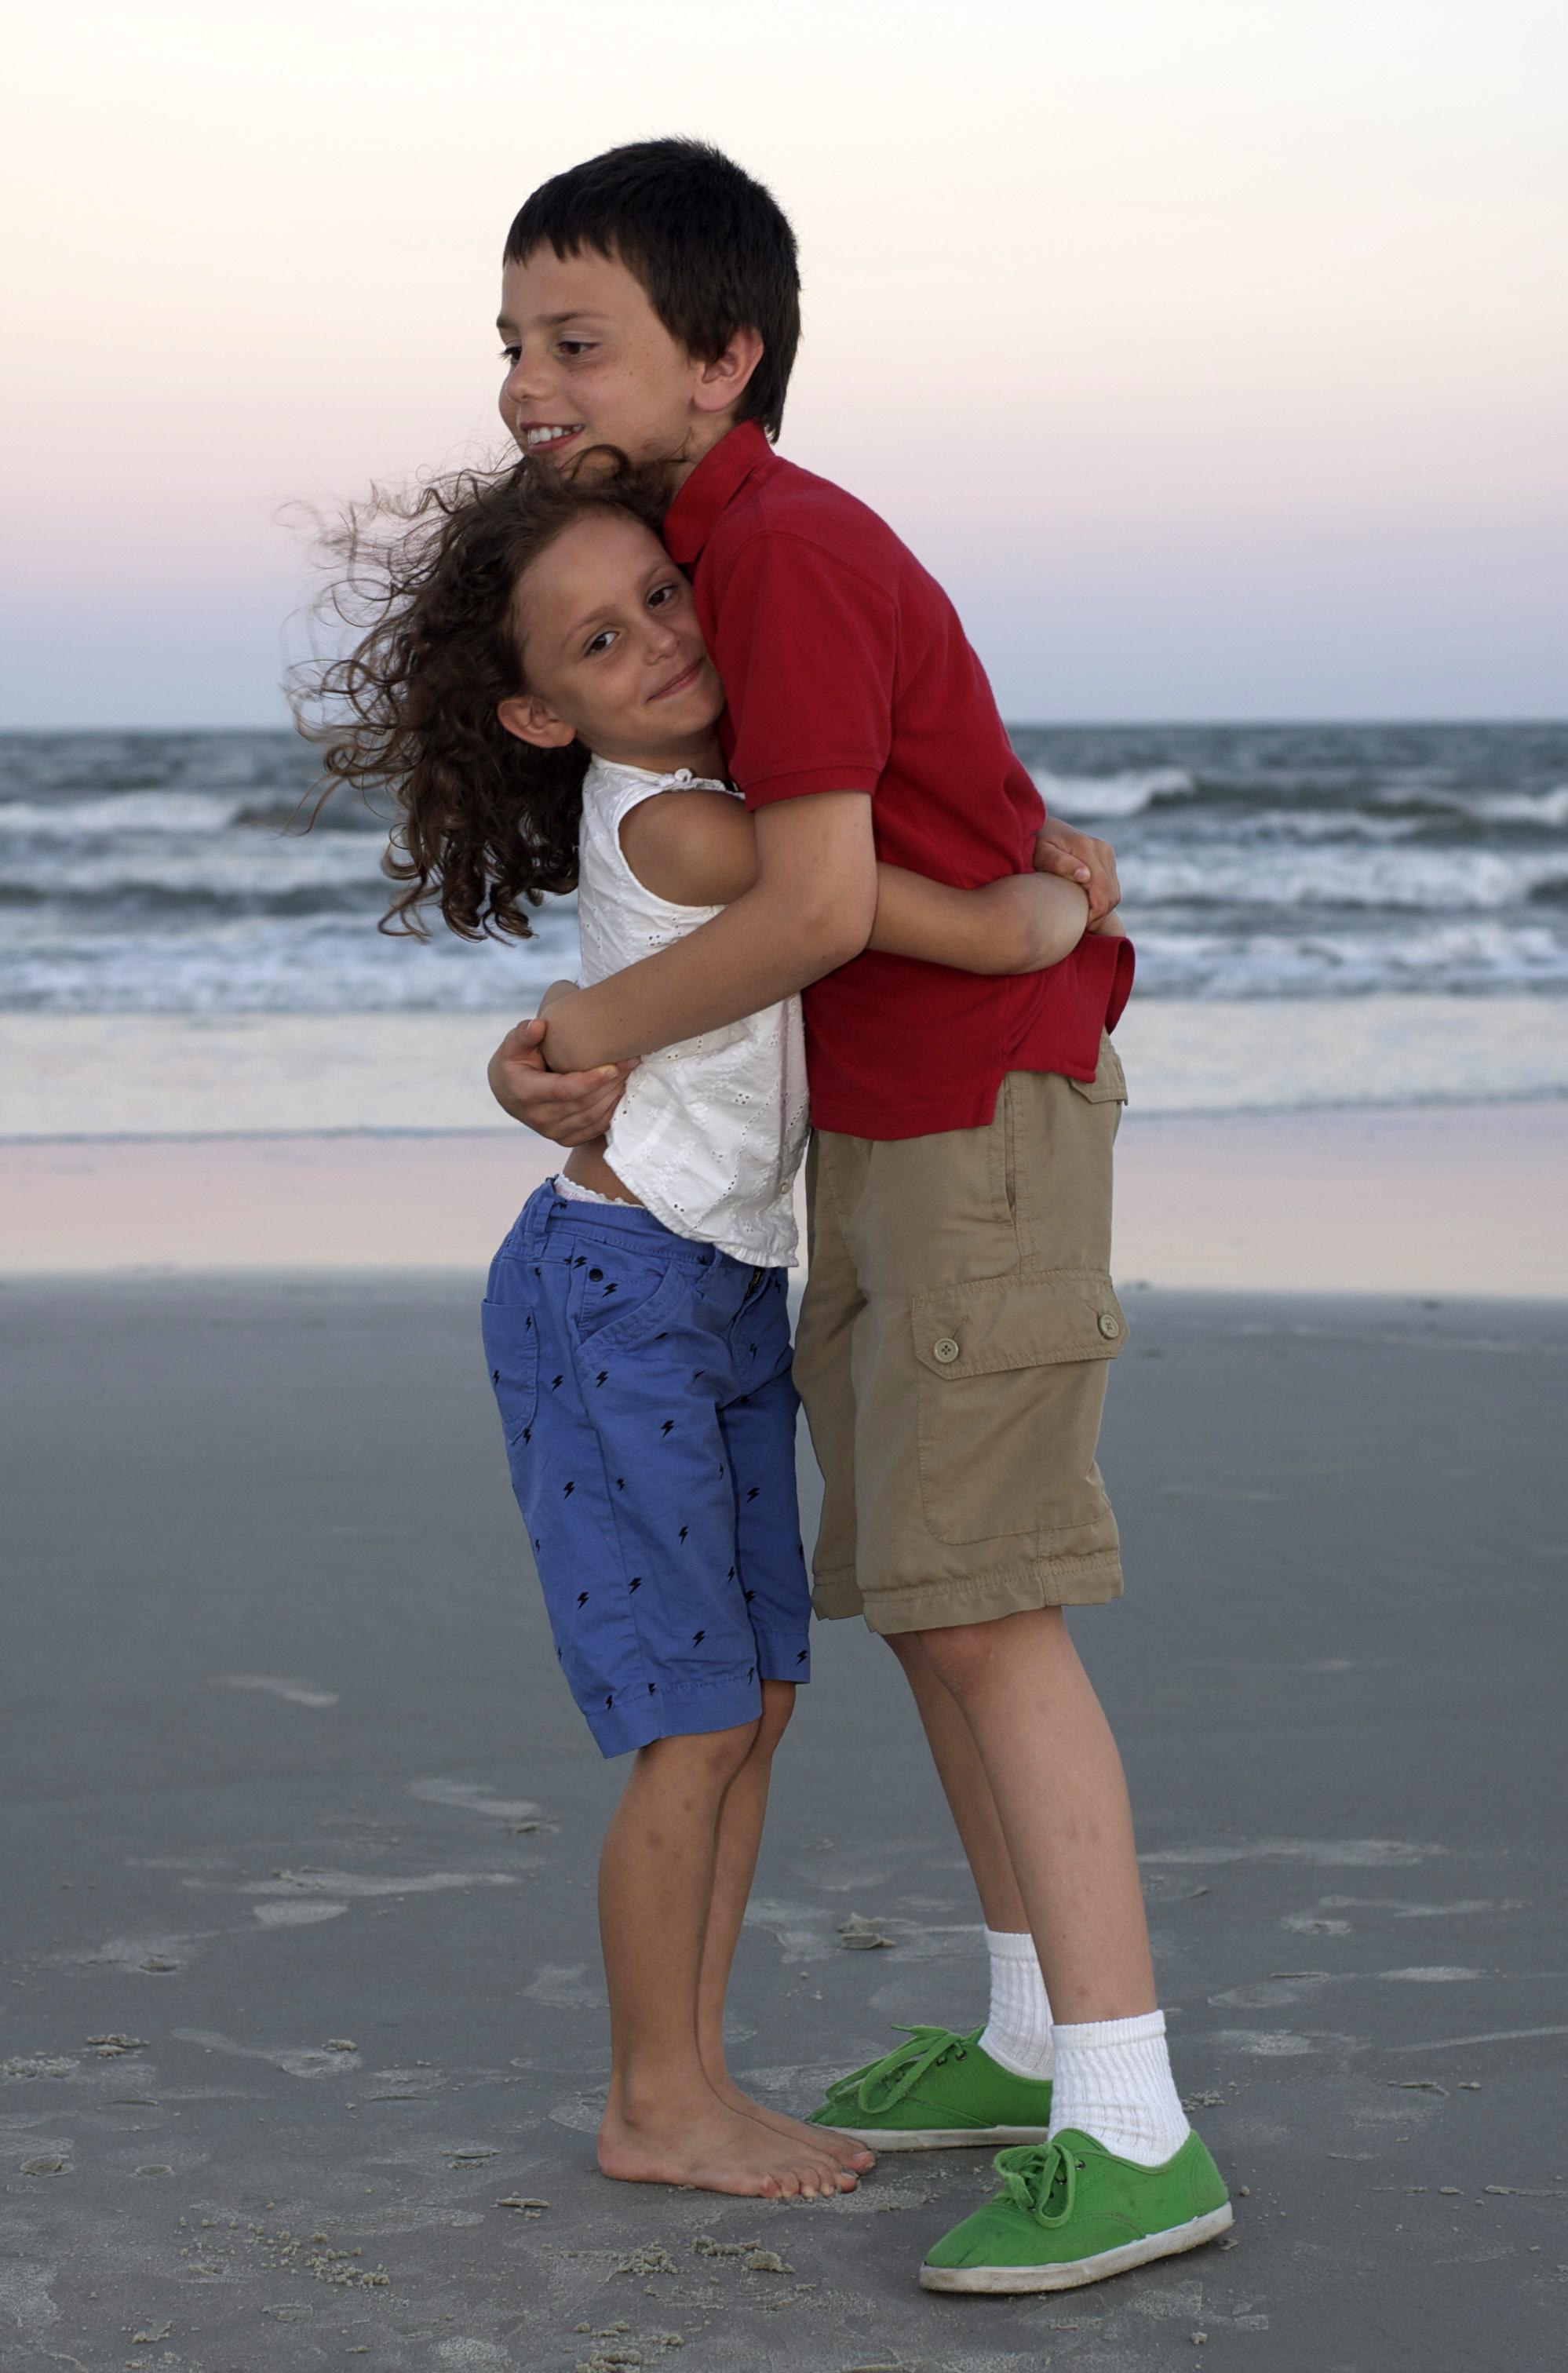 Gwen+and+Jake+hug